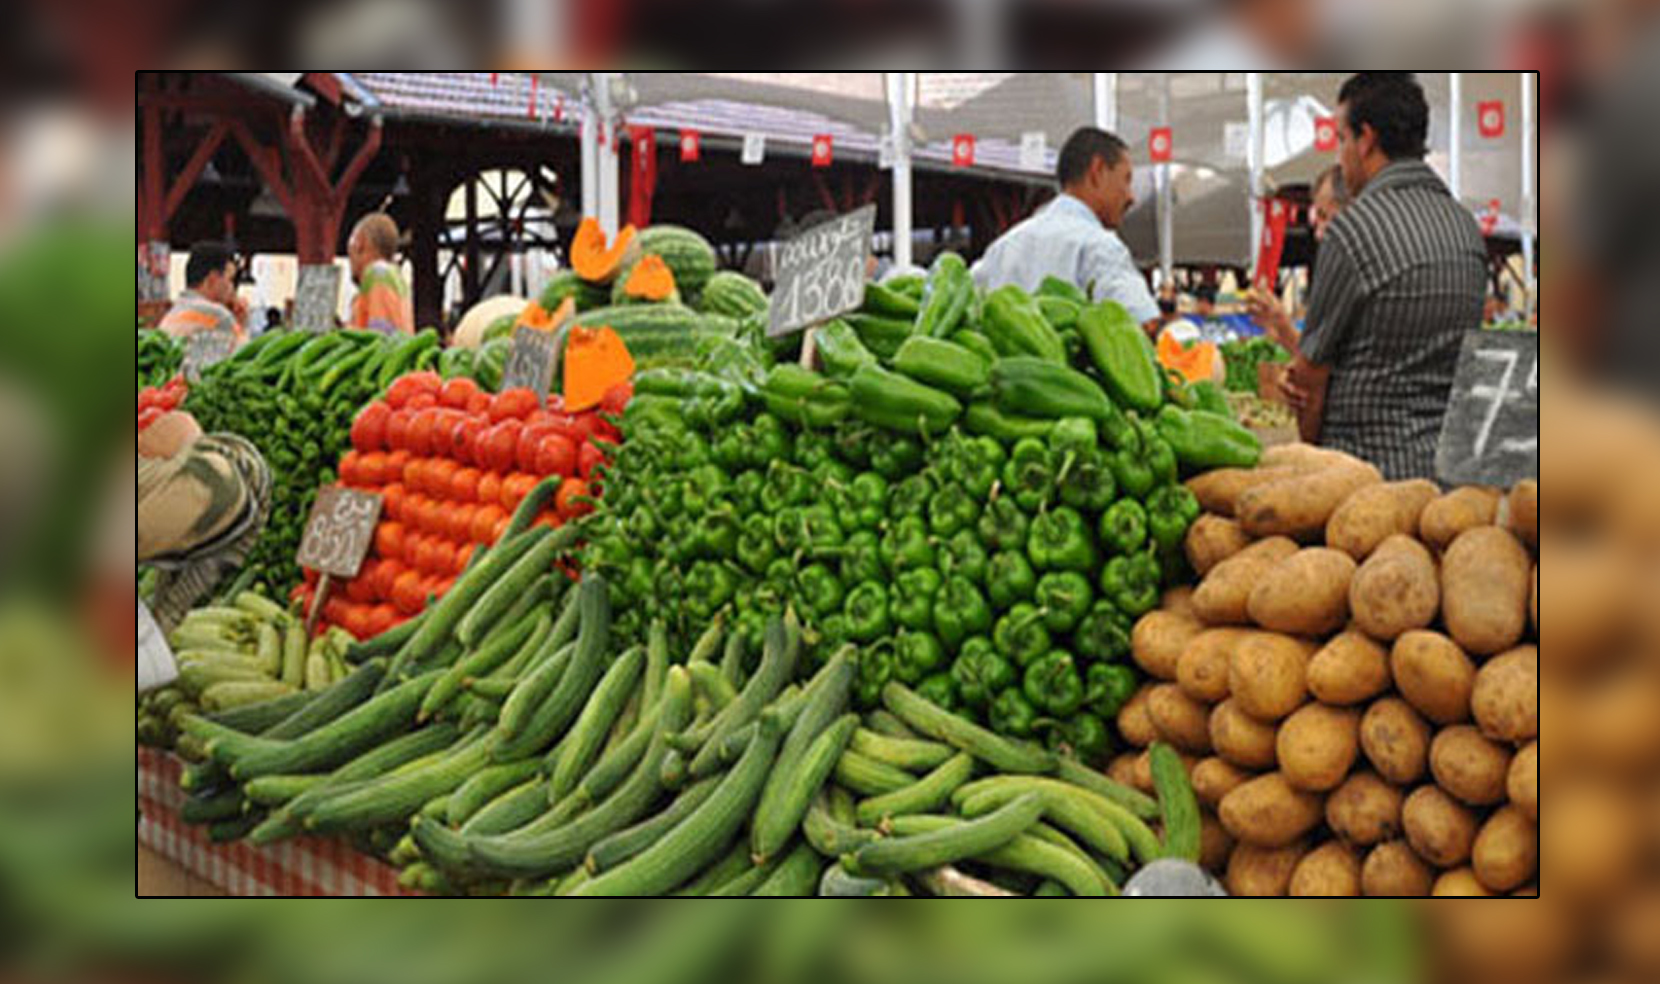 الخضر في الاسواق تونس